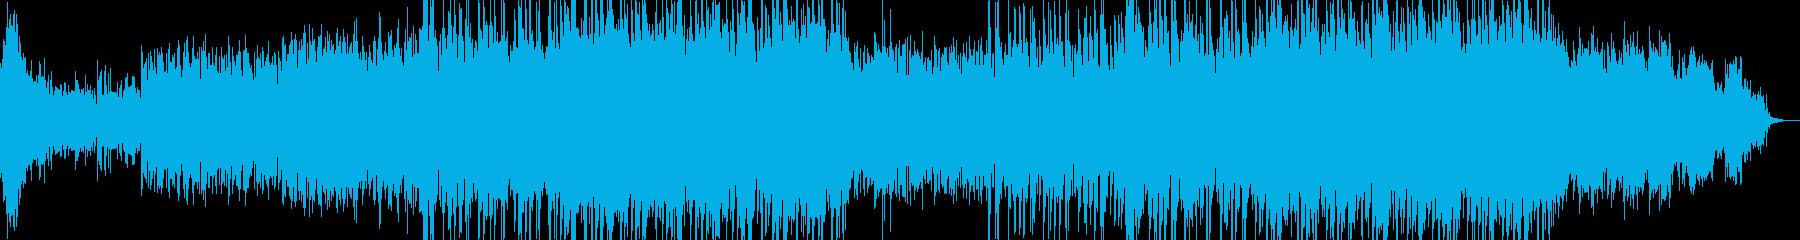 緊迫感漂うエレクトロニカ風BGMの再生済みの波形